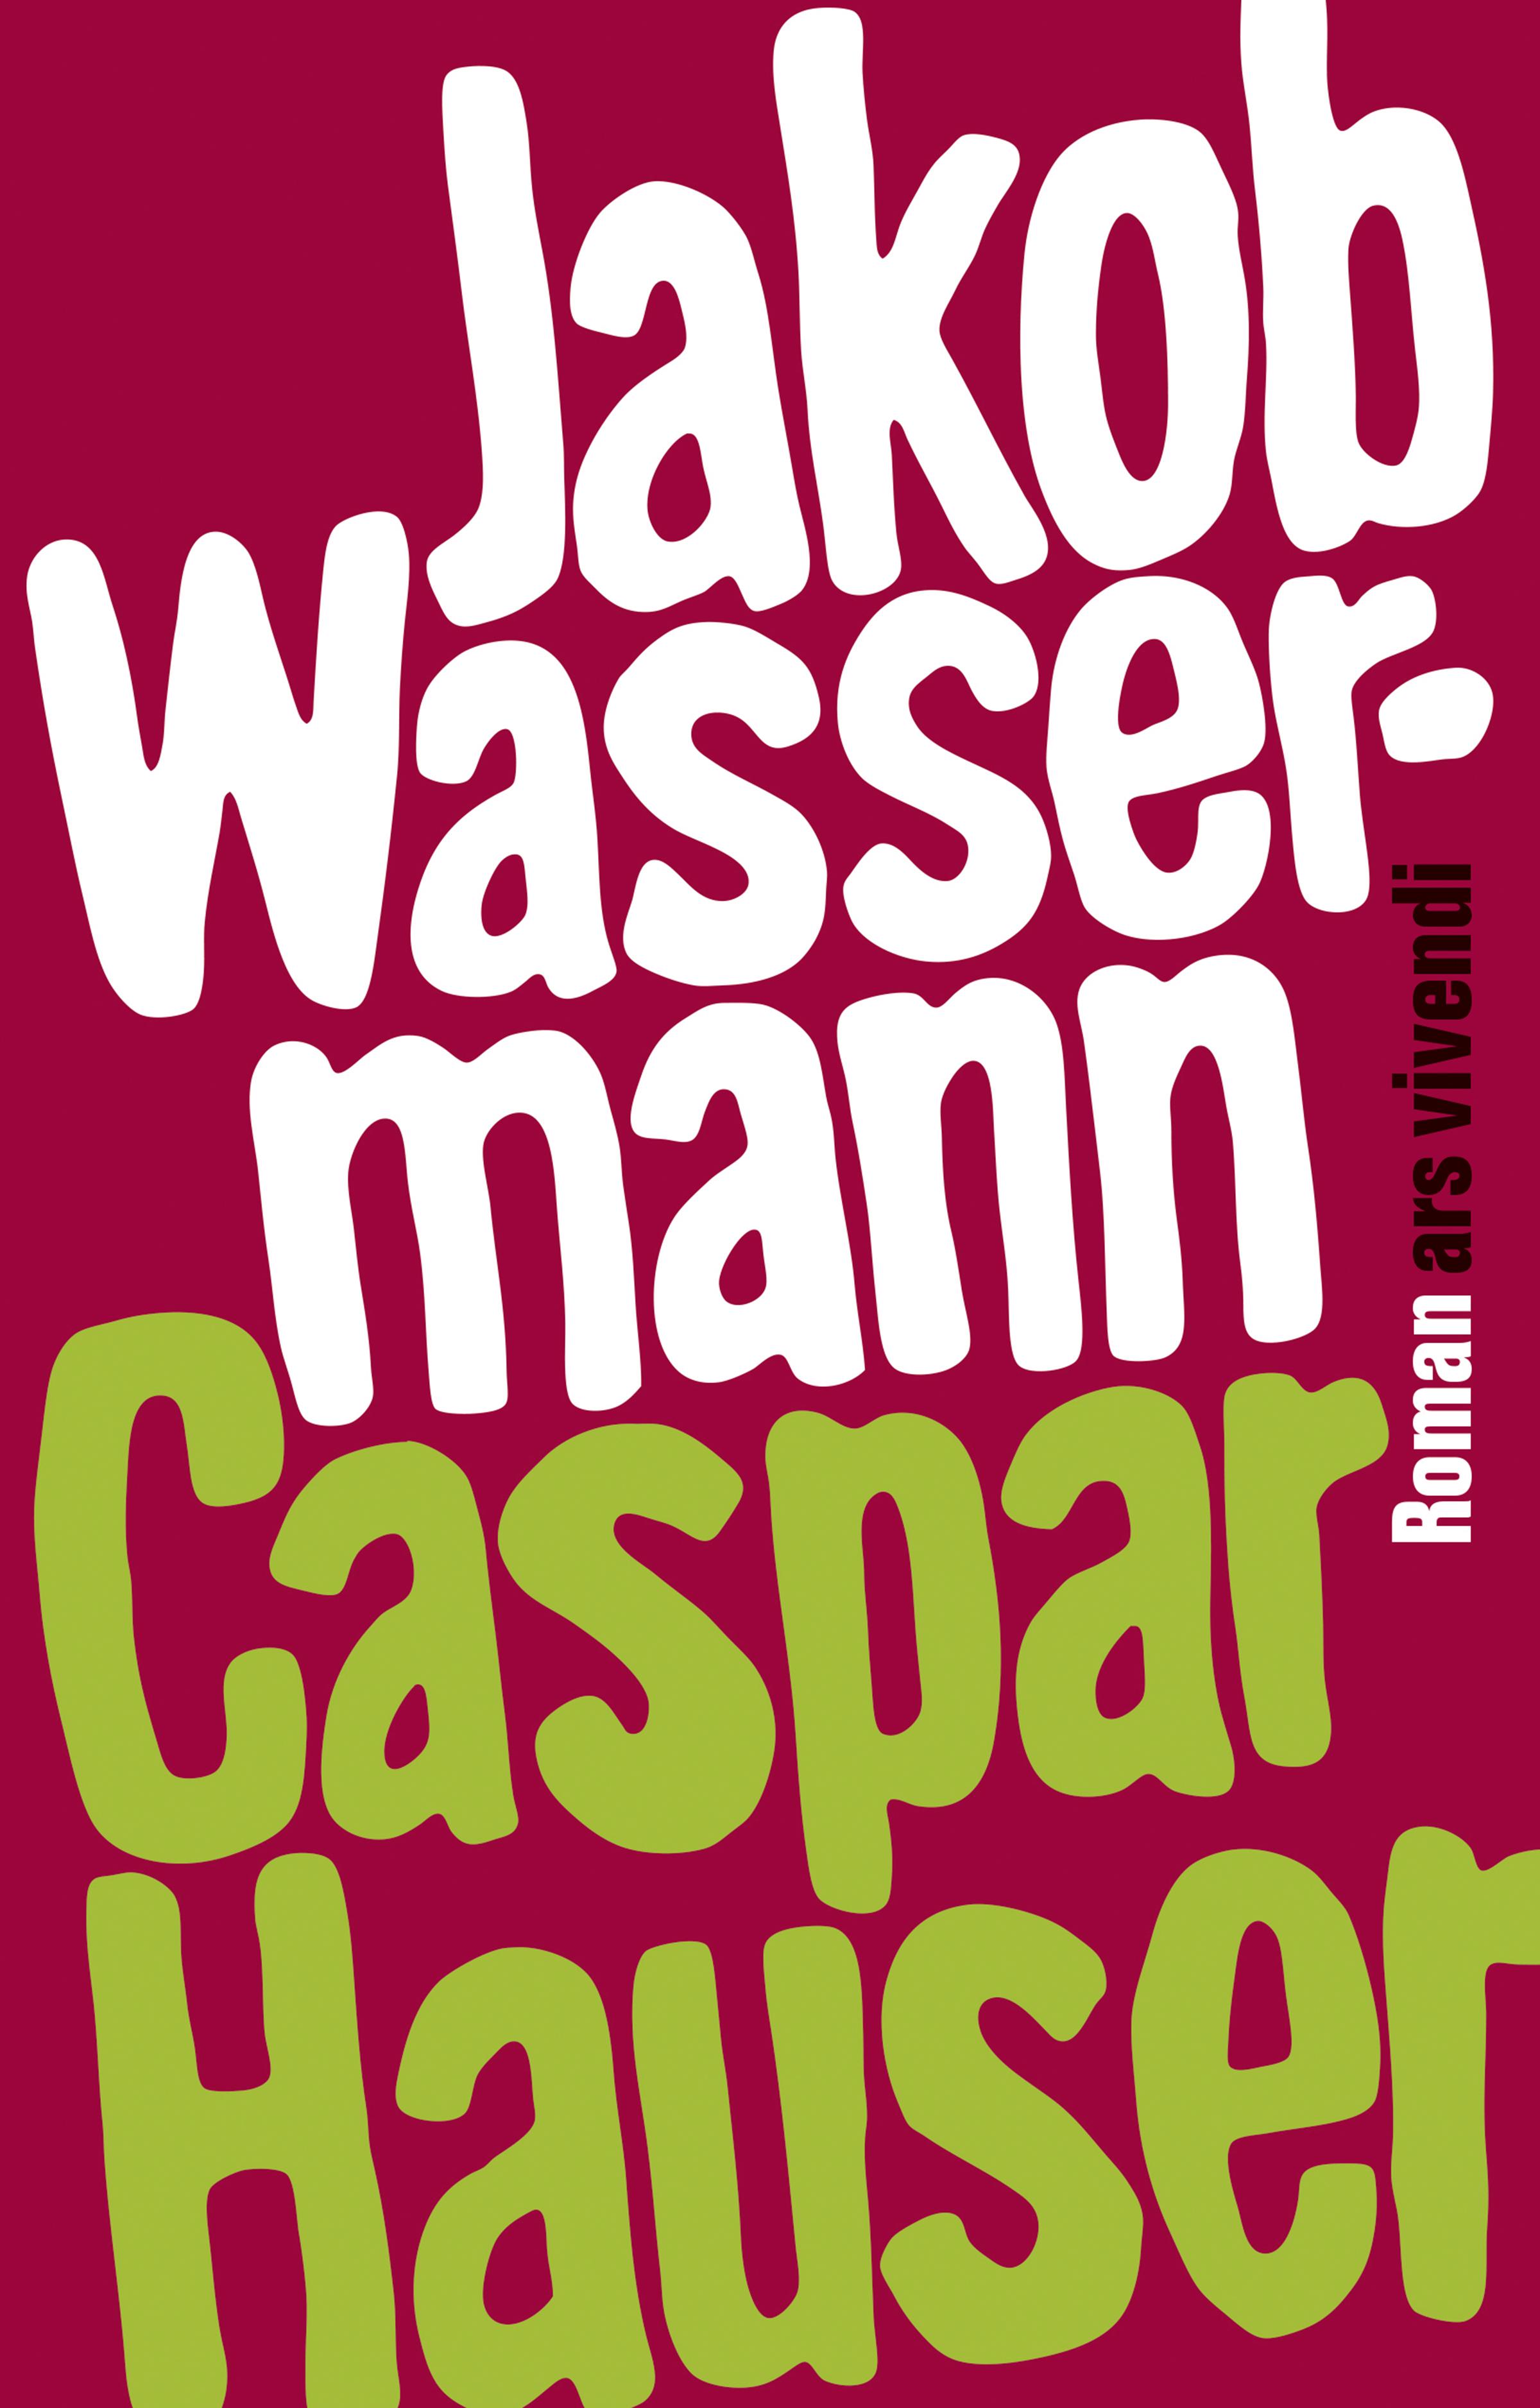 цена на Jakob Wassermann Caspar Hauser oder die Trägheit des Herzens (eBook)